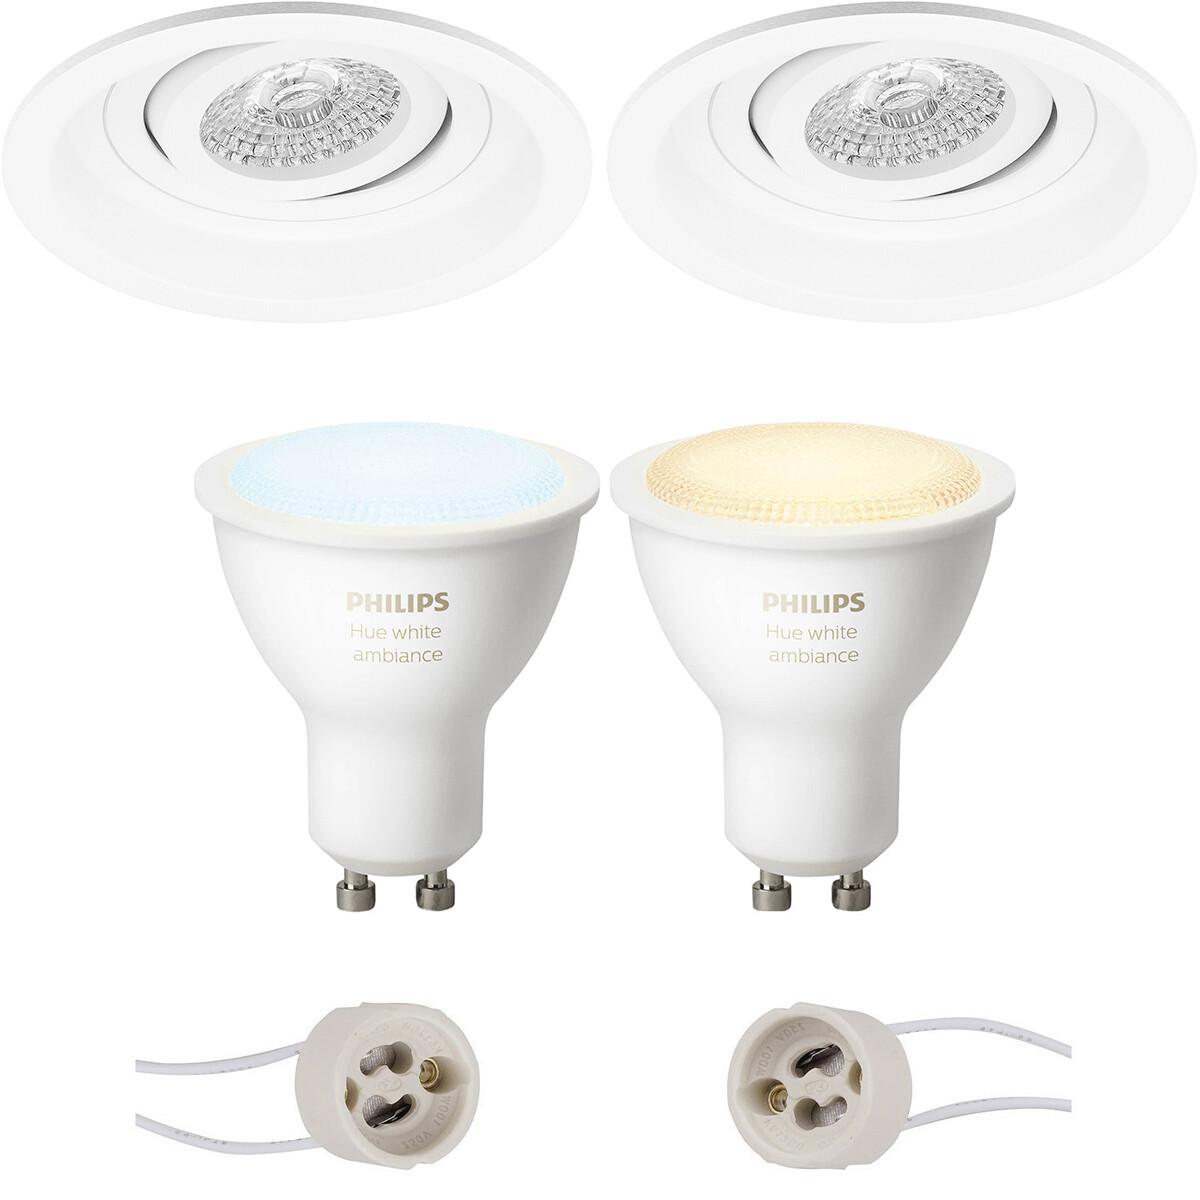 Pragmi Domy Pro - Inbouw Rond - Mat Wit - Verdiept - Kantelbaar - Ø105mm - Philips Hue - LED Spot Se